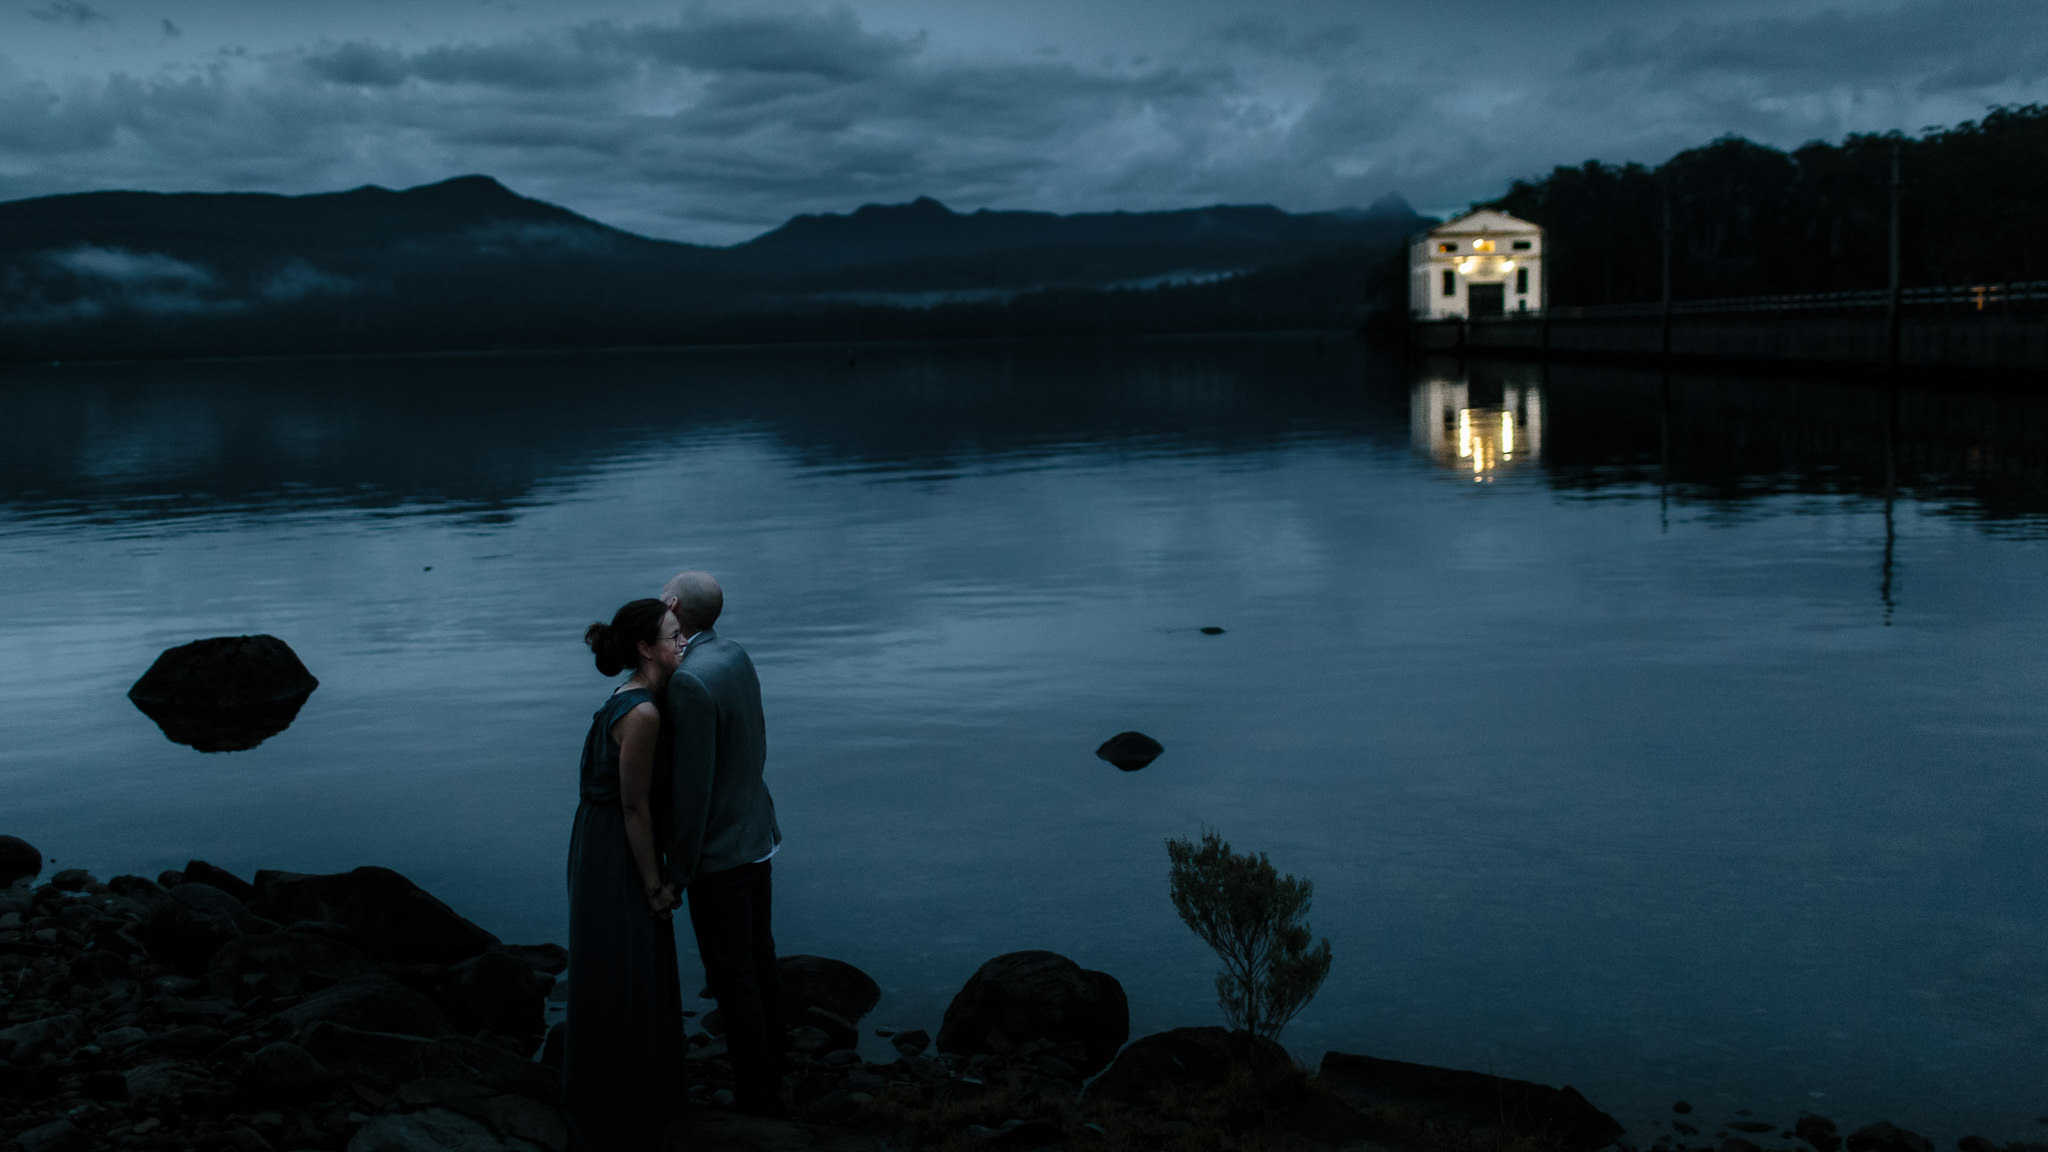 Pumphouse_Point_wedding_photography_elopement578.JPG